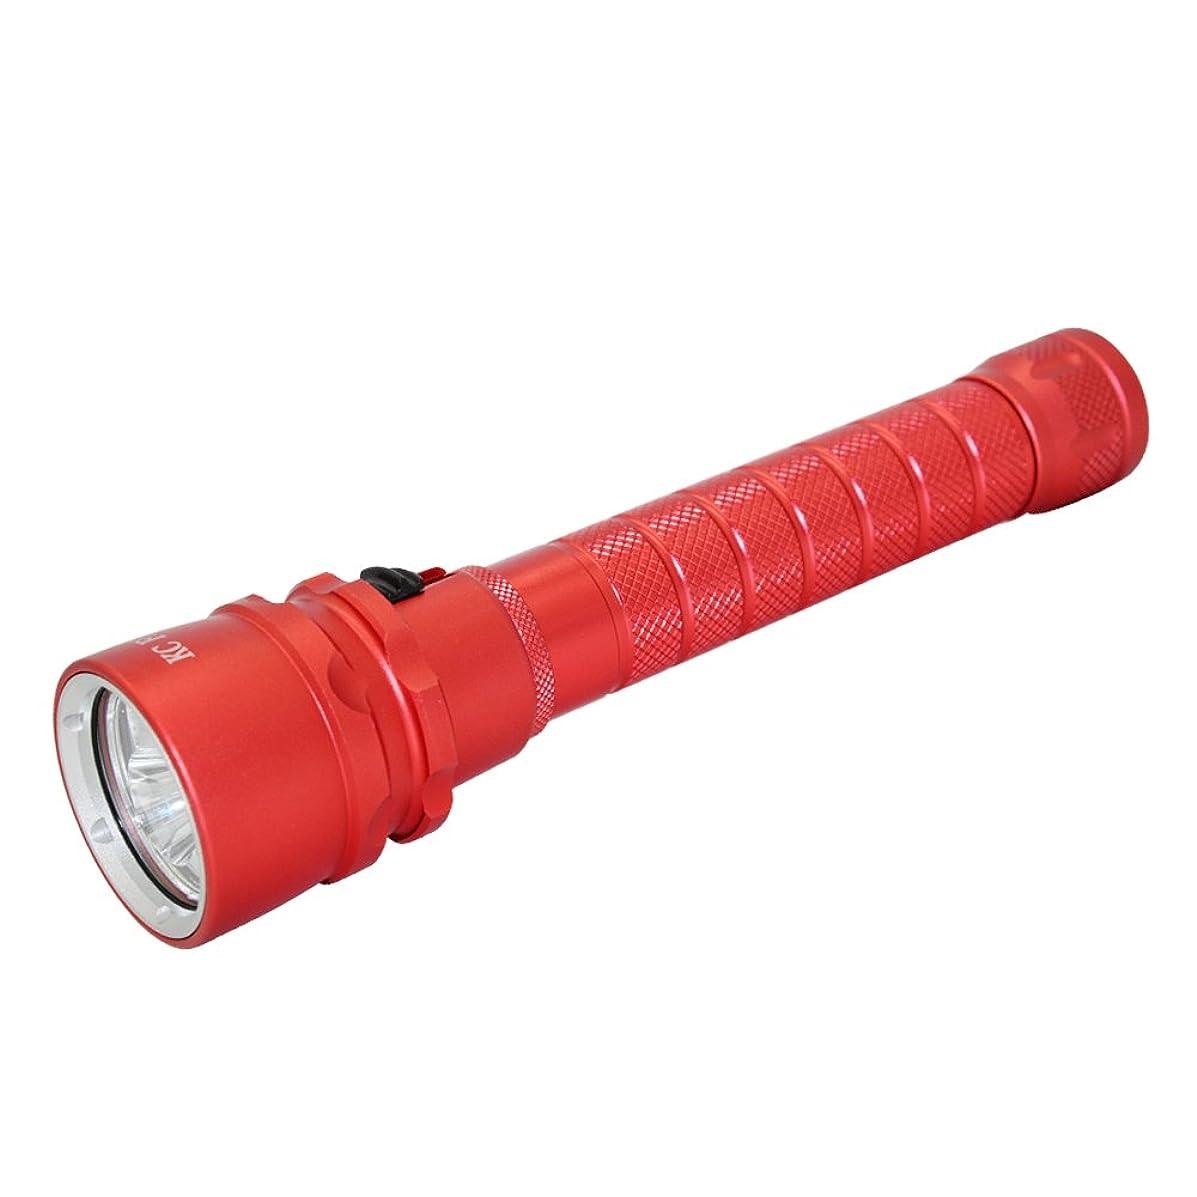 ブロンズシェーバーマチュピチュ懐中電灯 水中ライト ダイビング用 ダイビングライト 4*L2Led 4000LM 電池式 100M 水中対応可能 水泳 プール ダイビング キャンプ ダイビング懐中電灯